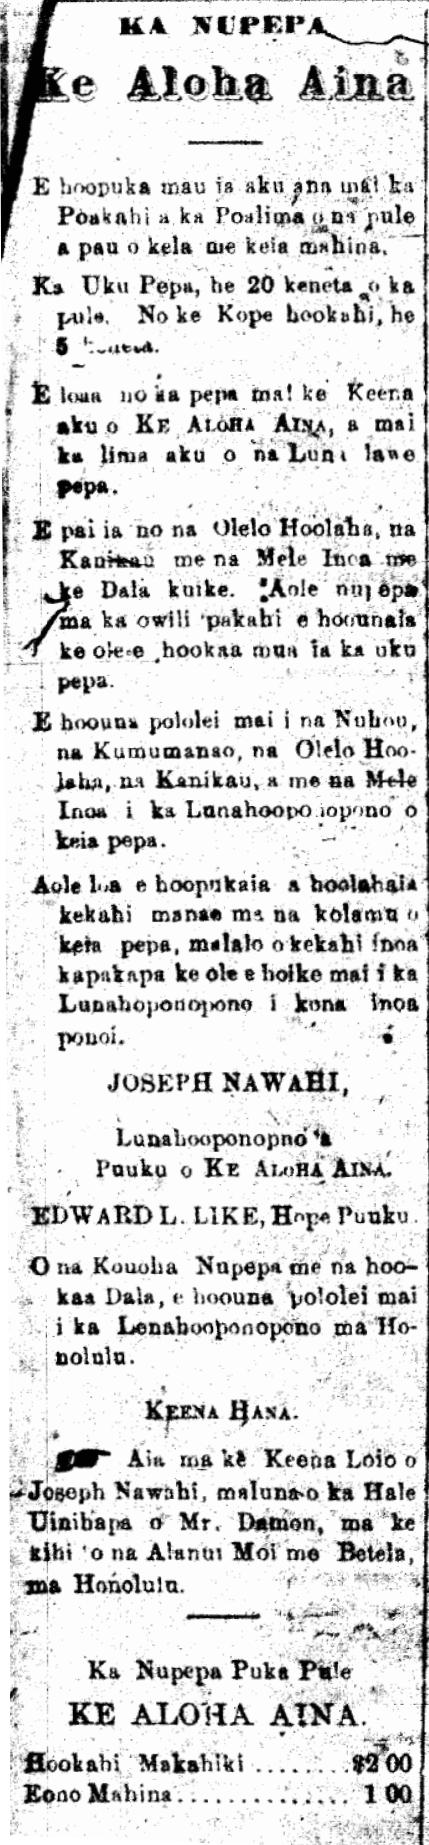 KA NUPEPA Ke Aloha Aina